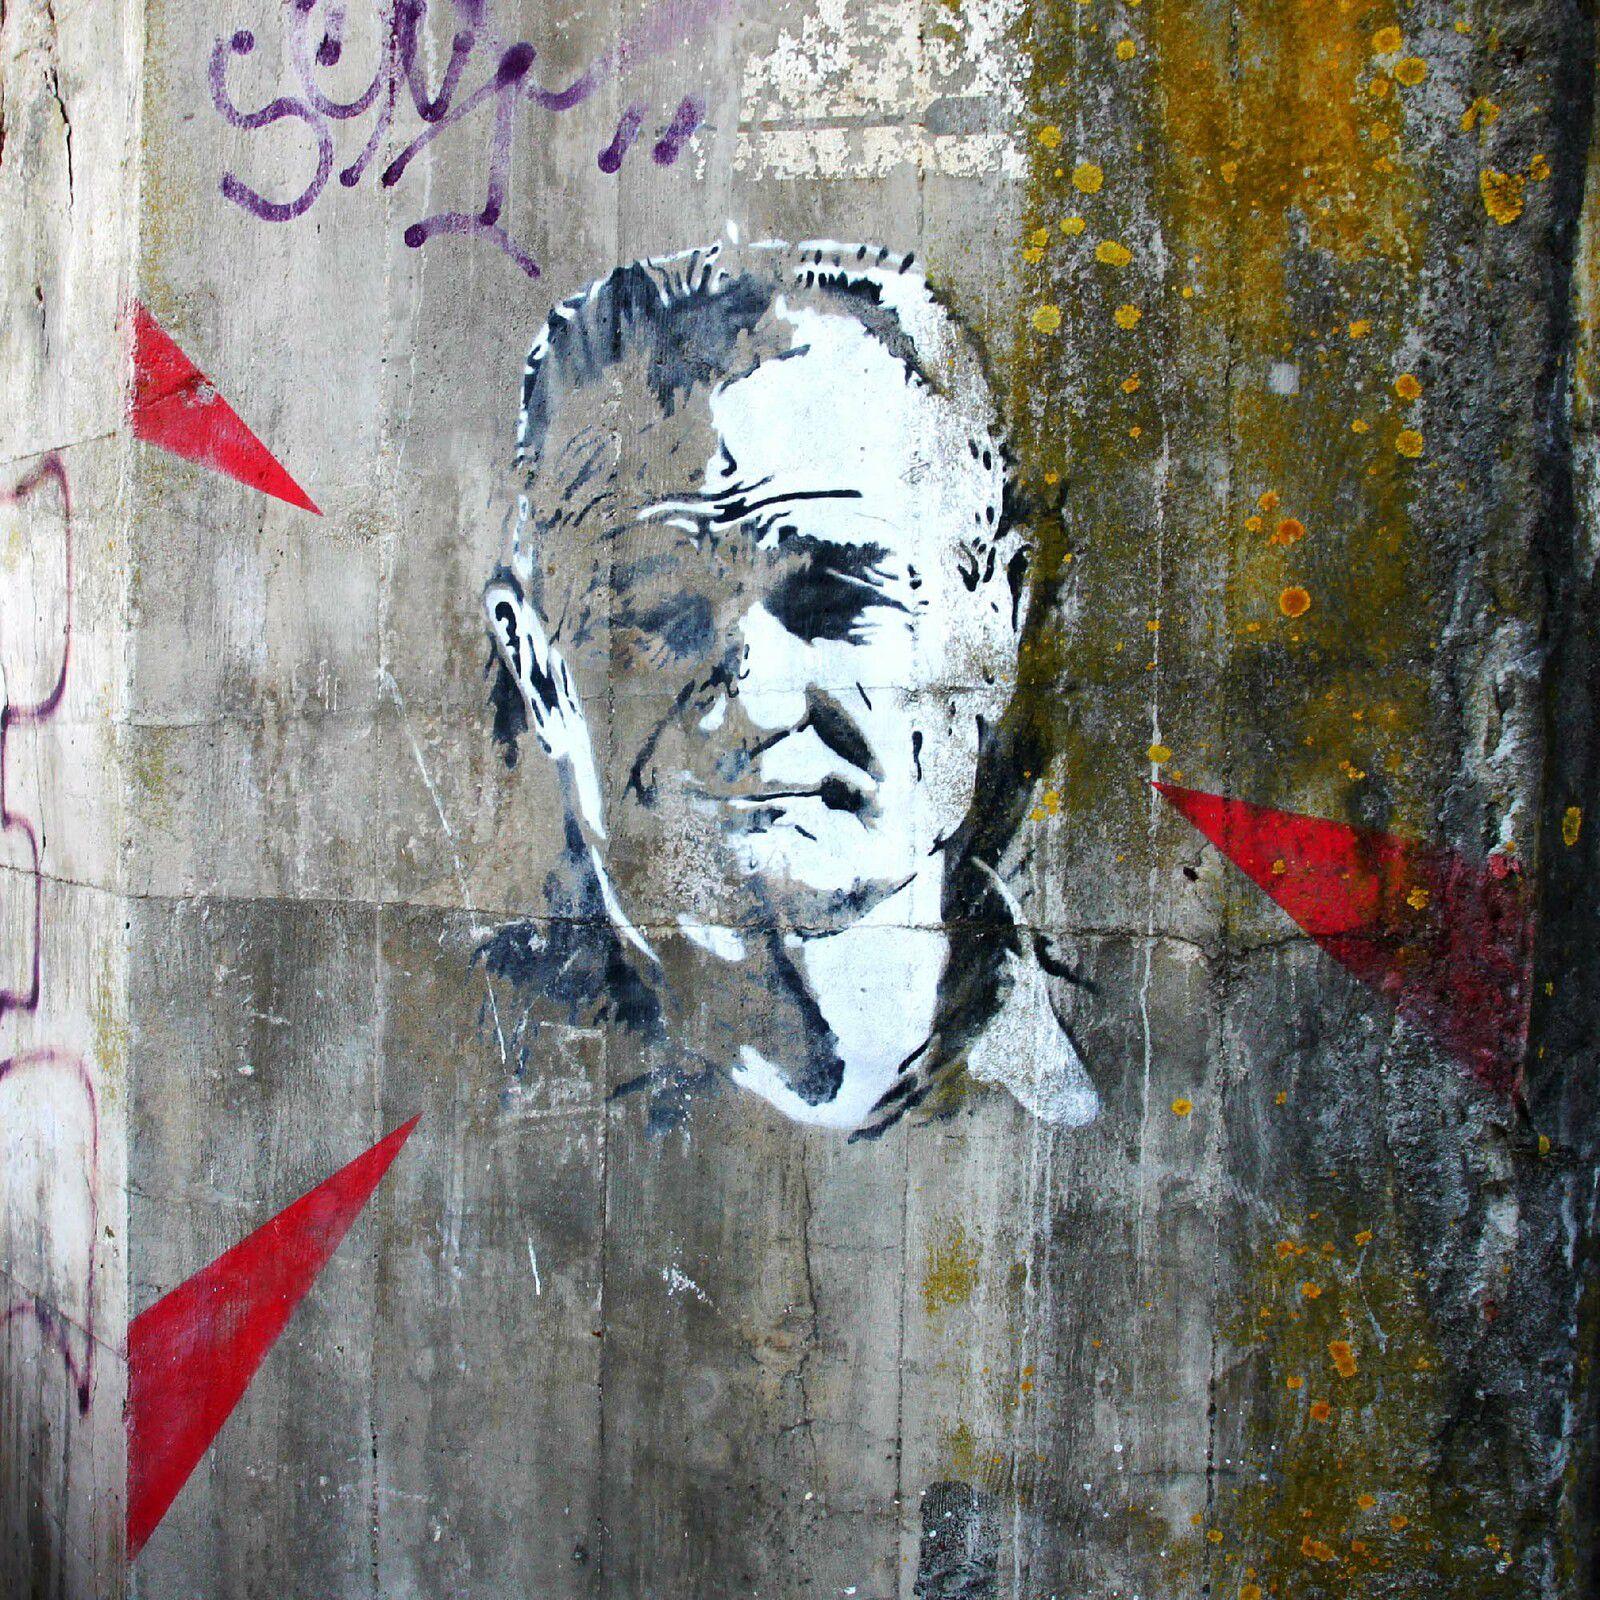 Street art en ville - Mars-avril 2021